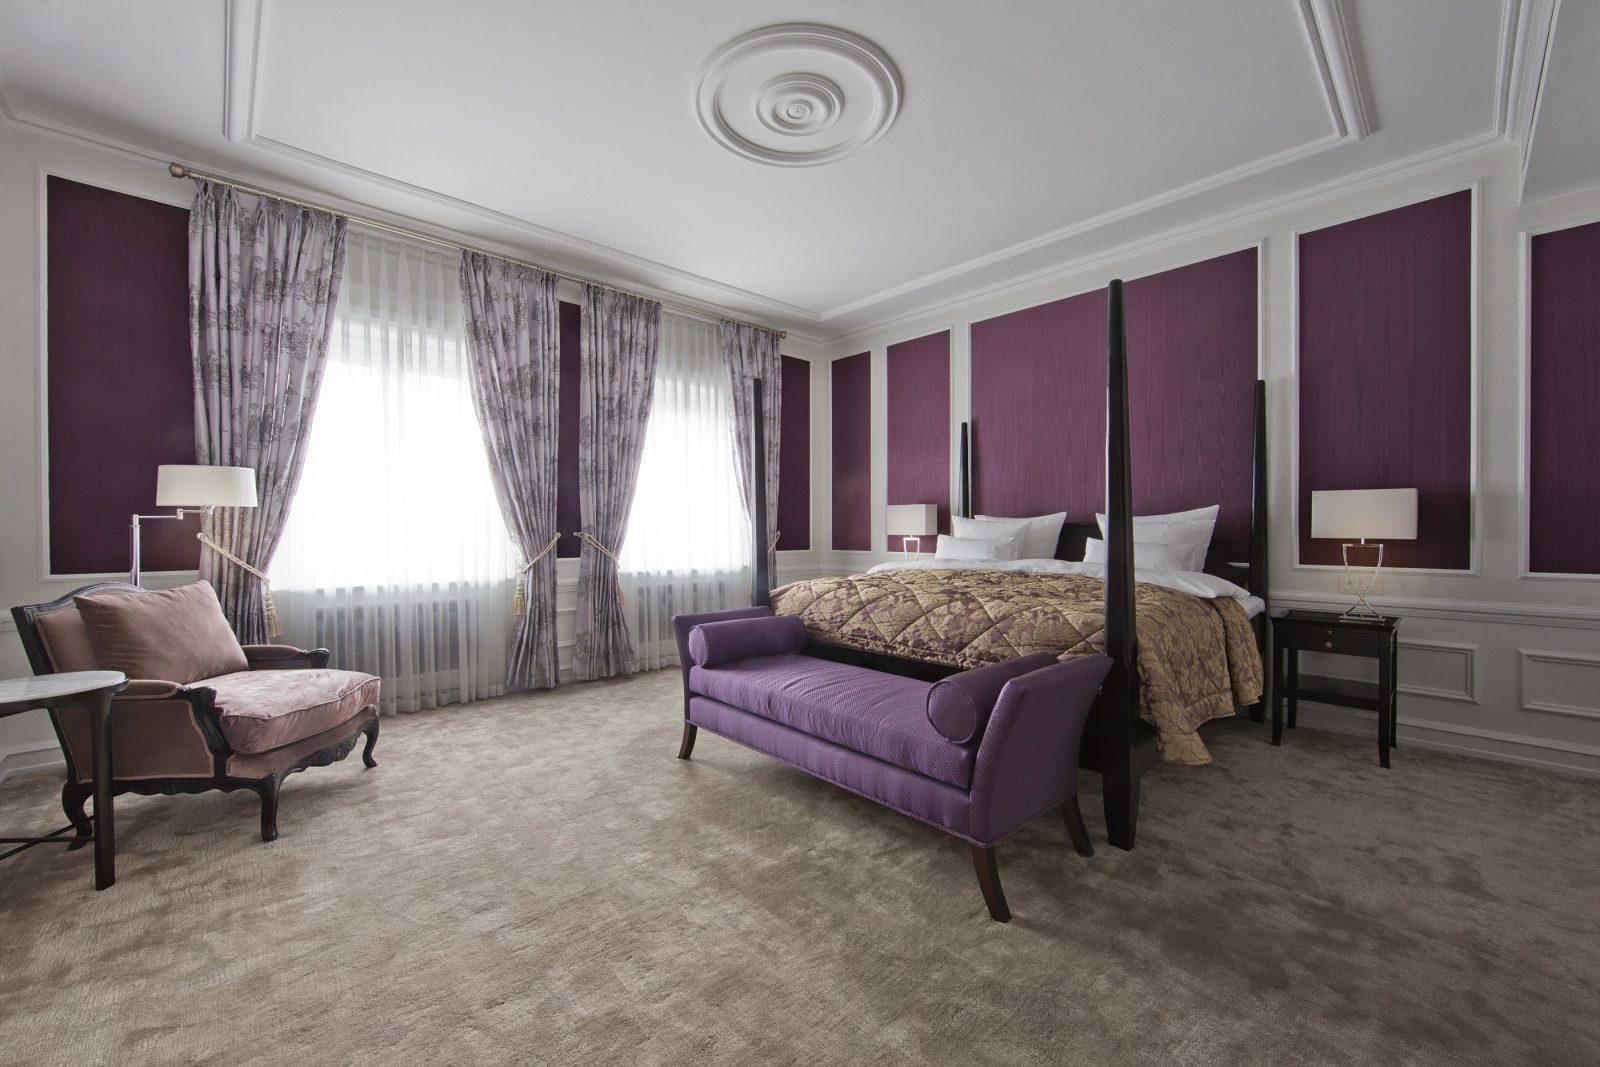 Sleeping quarters in Thorvaldsen suite at D´Angleterre Hotel in Copenhagen.